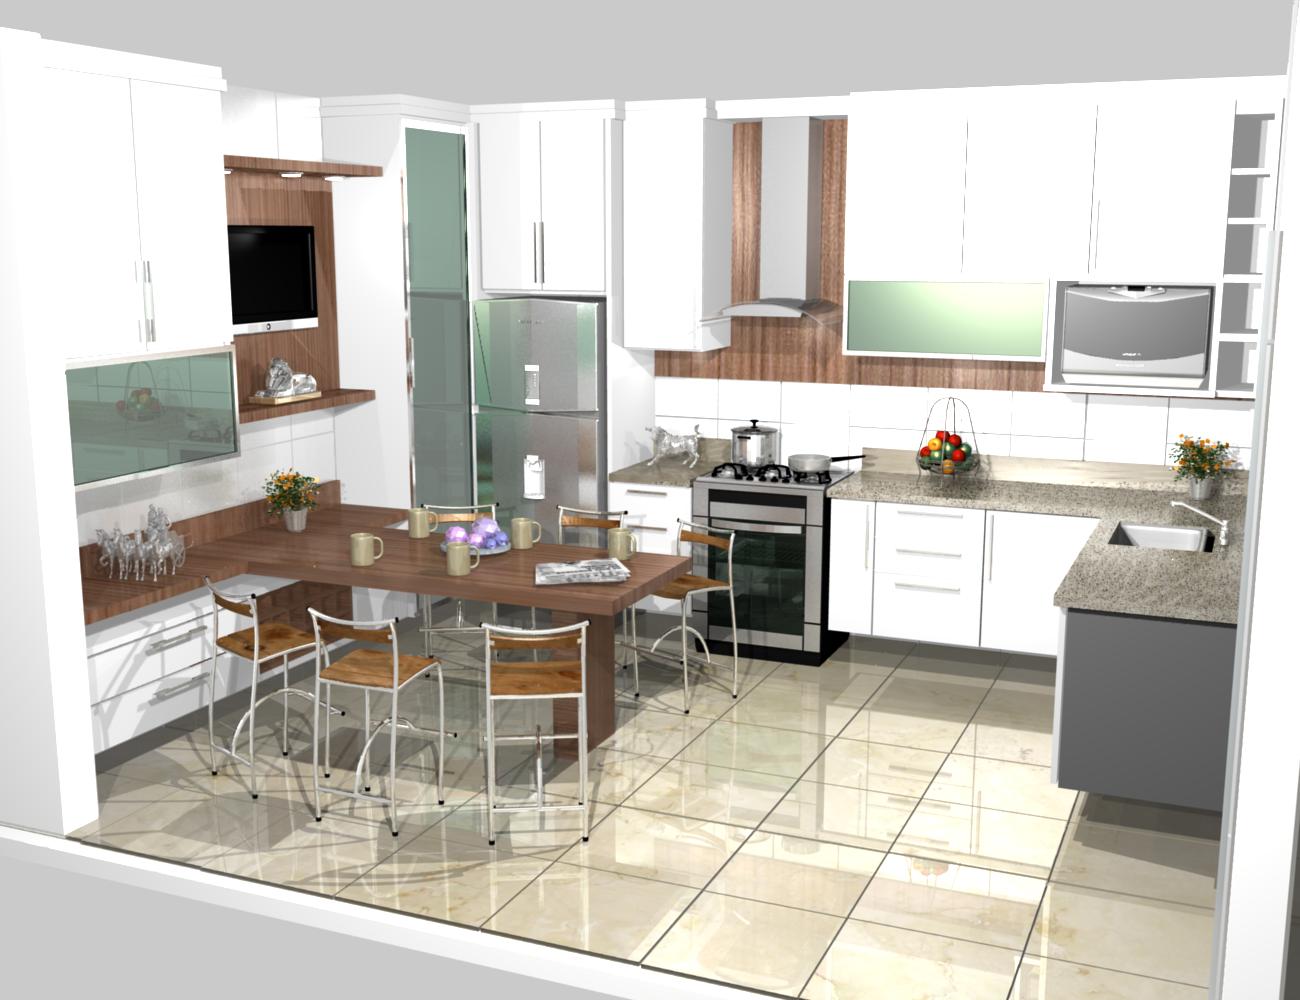 Cozinha planejadas pequenas decorada americana modulada for Casas pequenas modernas